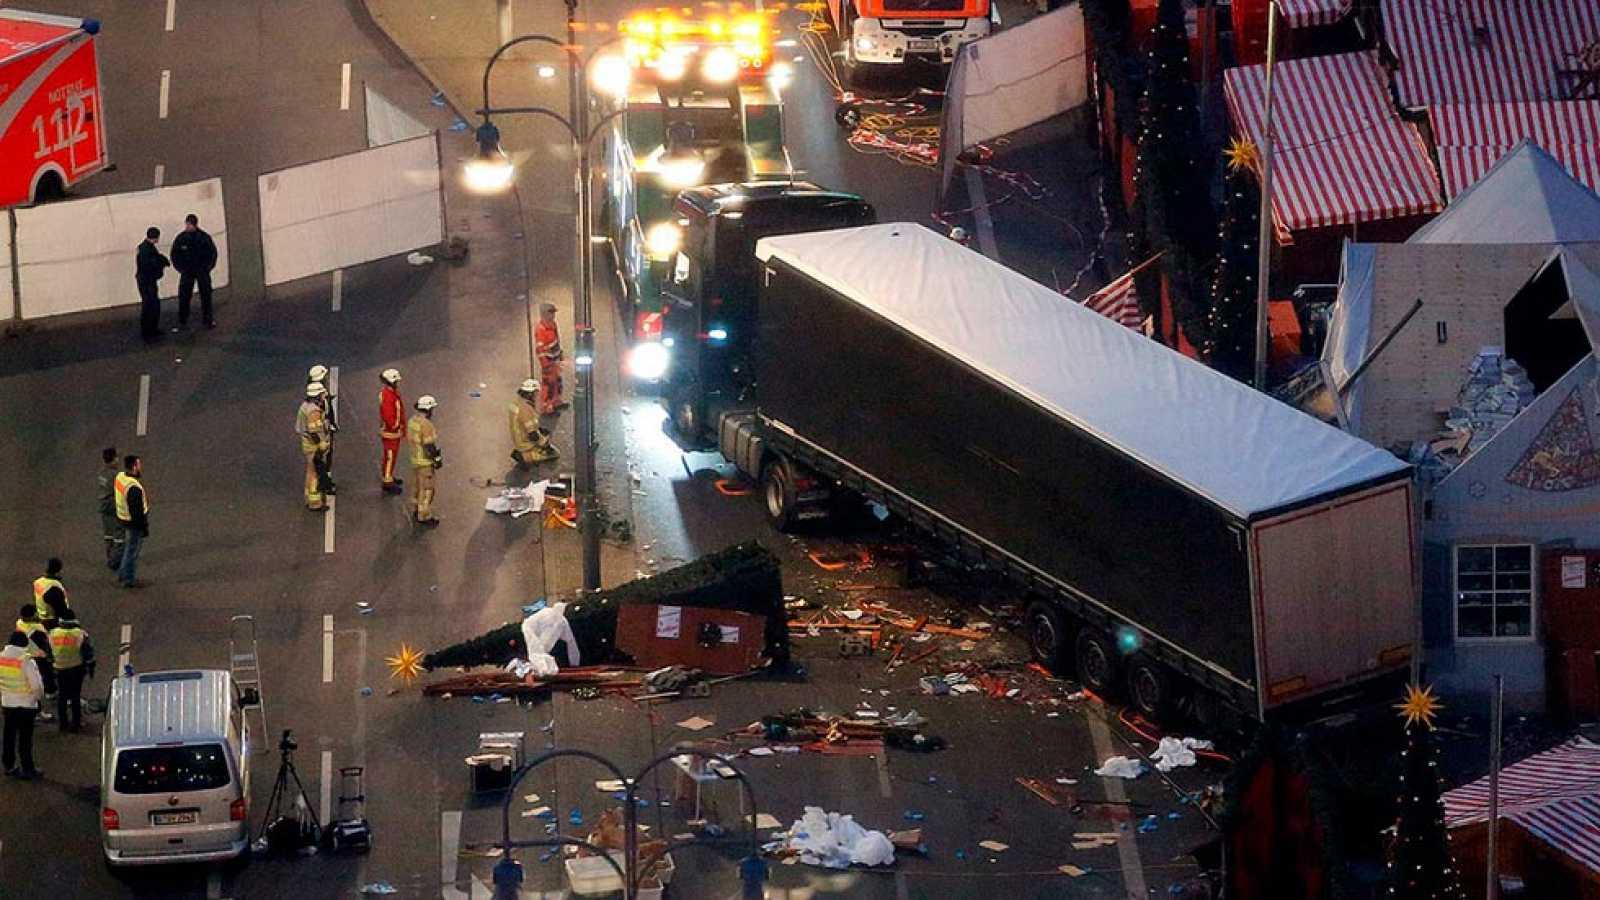 Doce muertos y 48 heridos al ser arrollados por un camión en un mercadillo navideño de Berlín